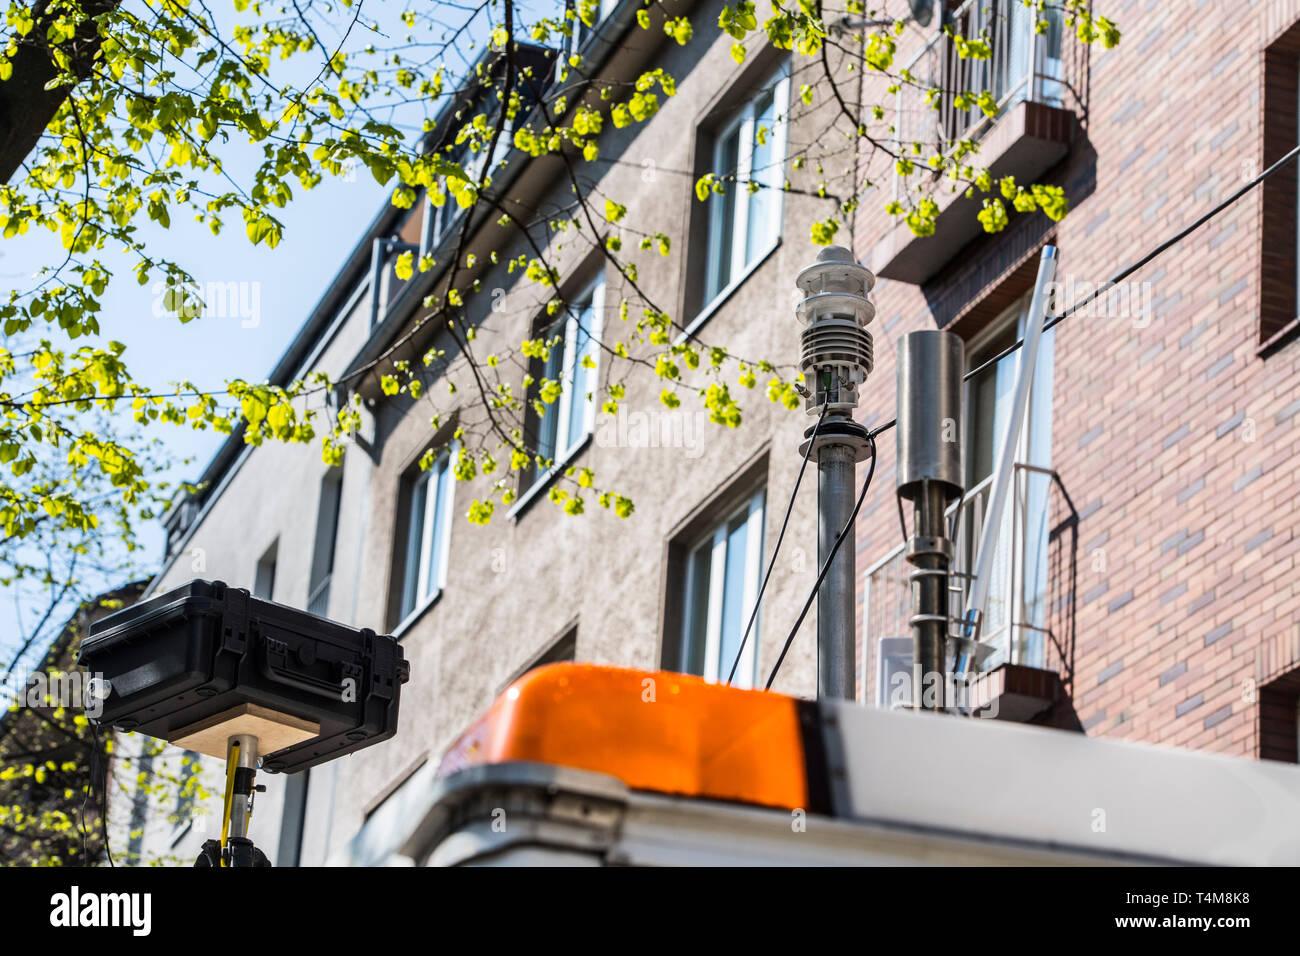 Umweltspur in Düsseldorf auf der Merowingerstrasse. Nur Busse, Taxen, E-Autos und Fahrräder dürfen die Spur benutzen. Eine mobile Messtation kontrolli - Stock Image